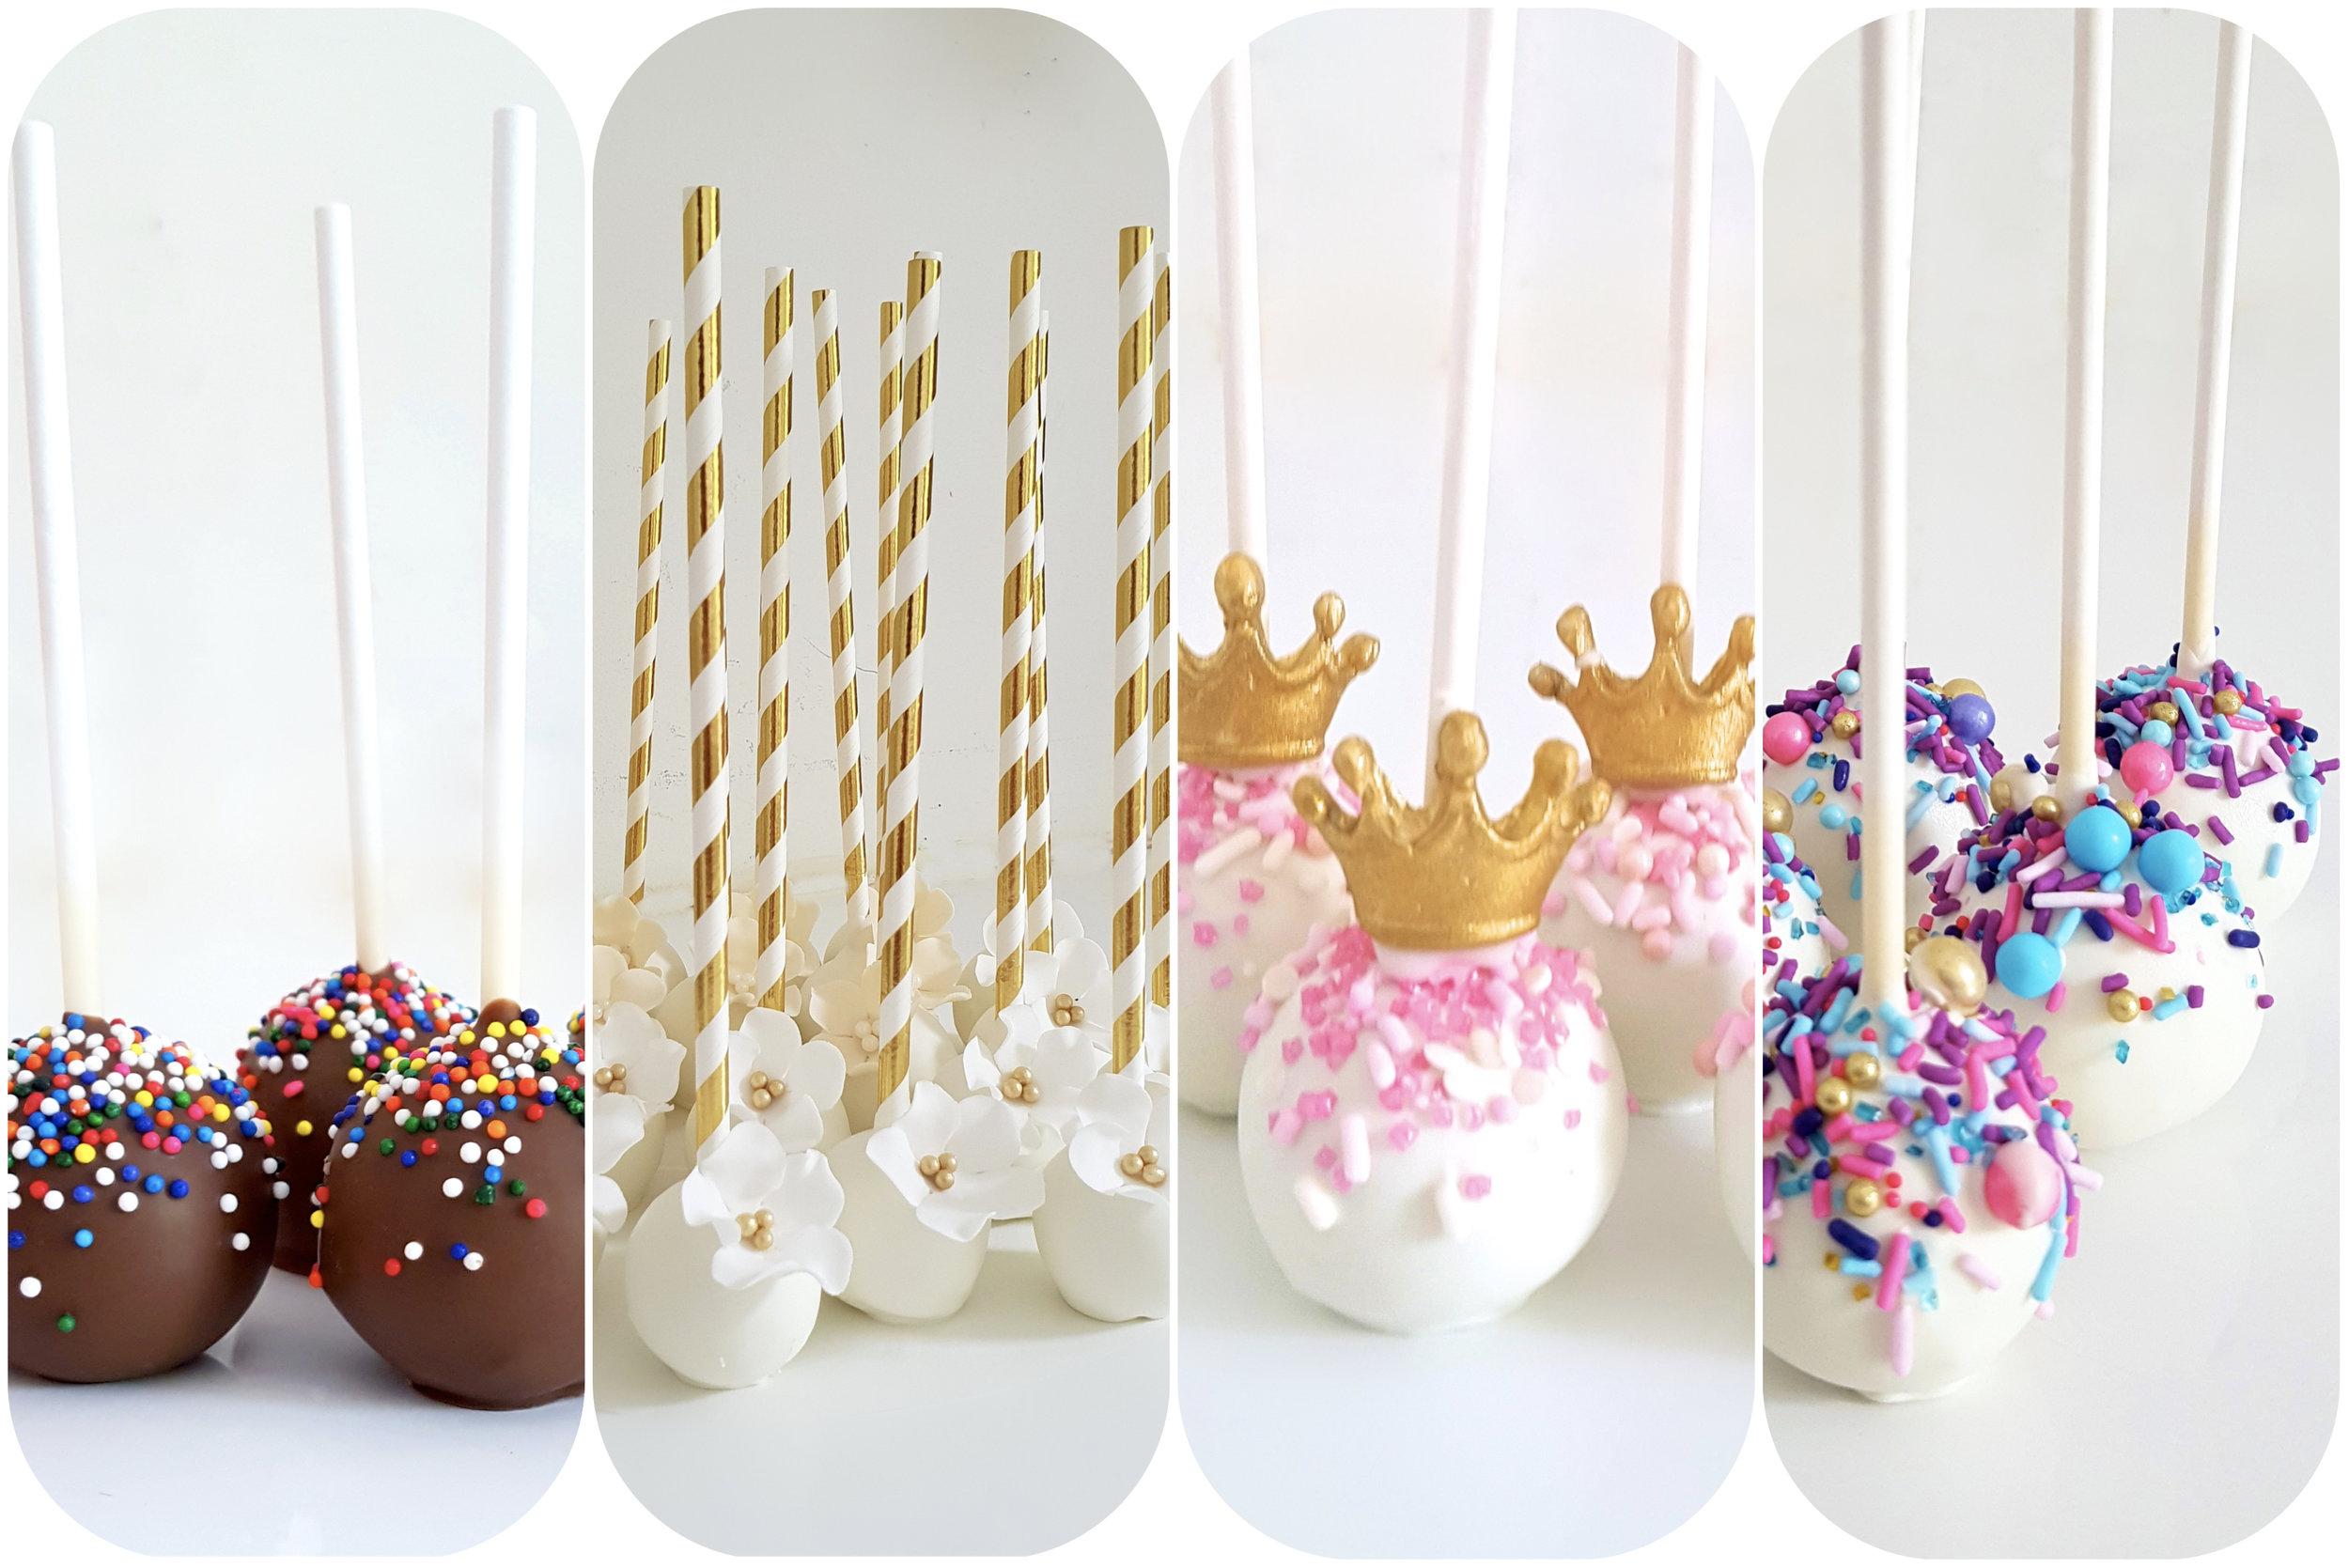 les cakepops.jpg